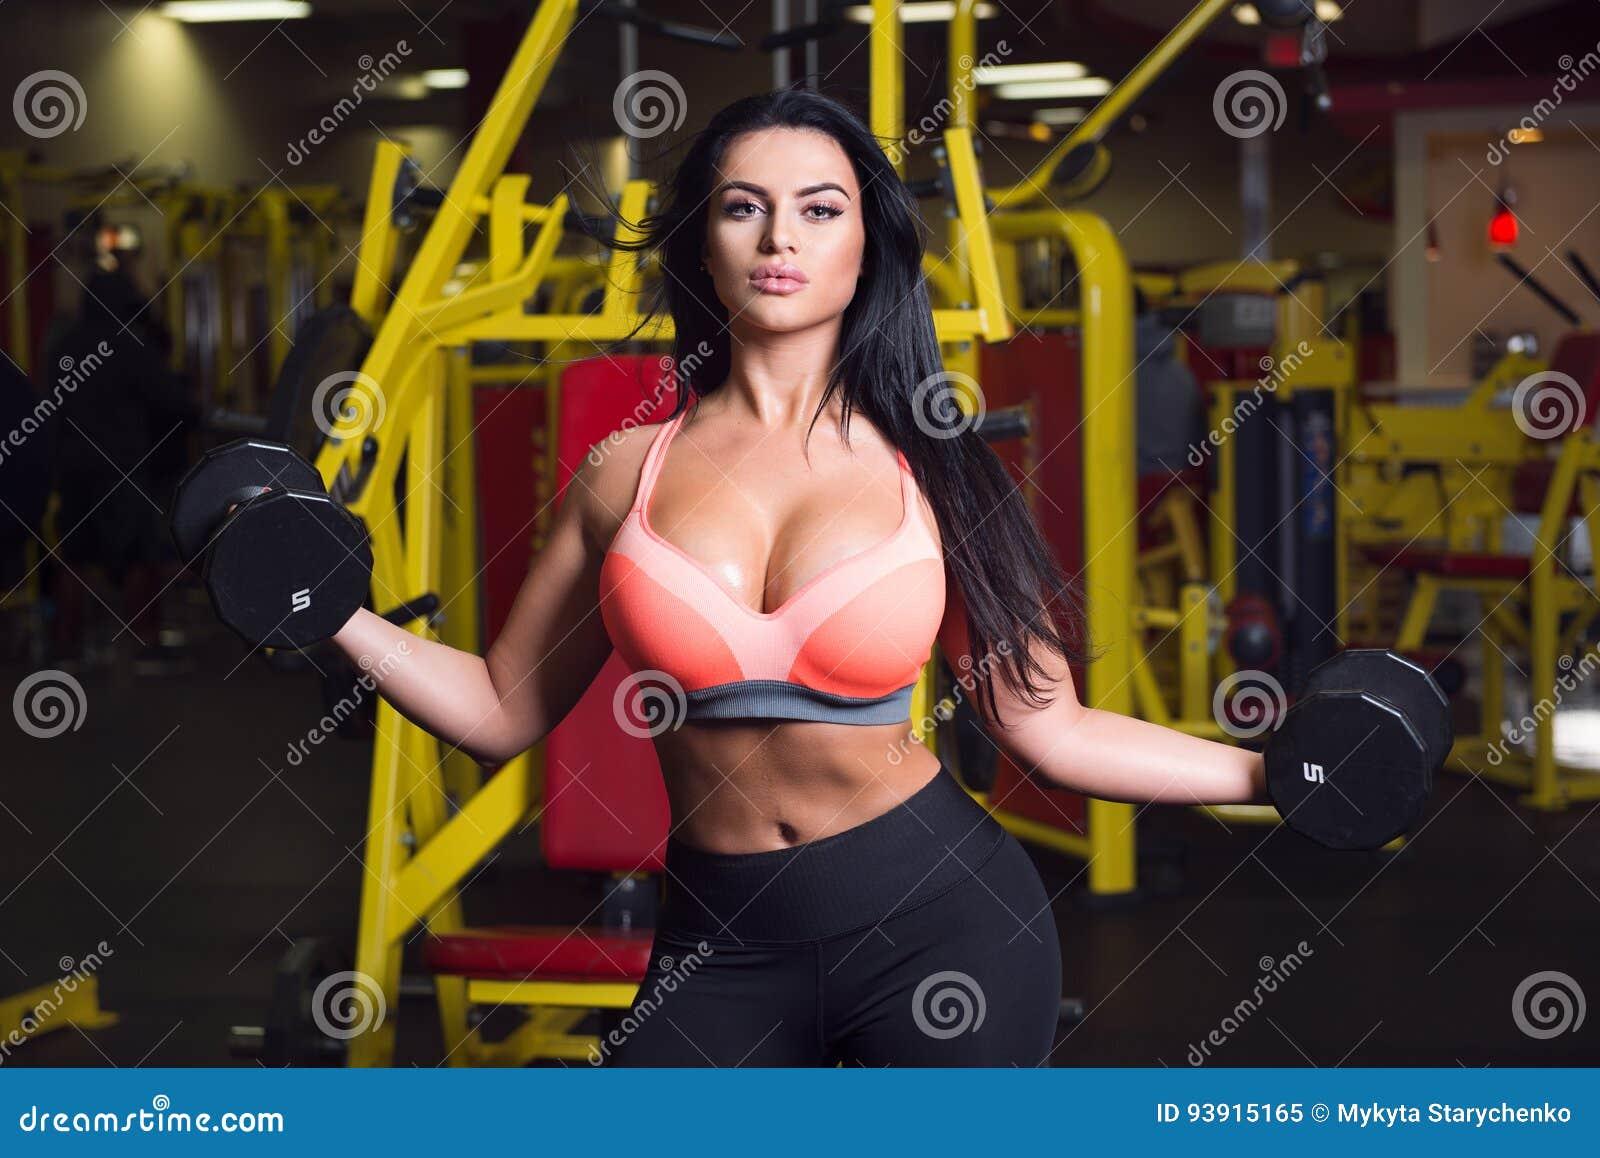 Сексуальная женщина спортсменов